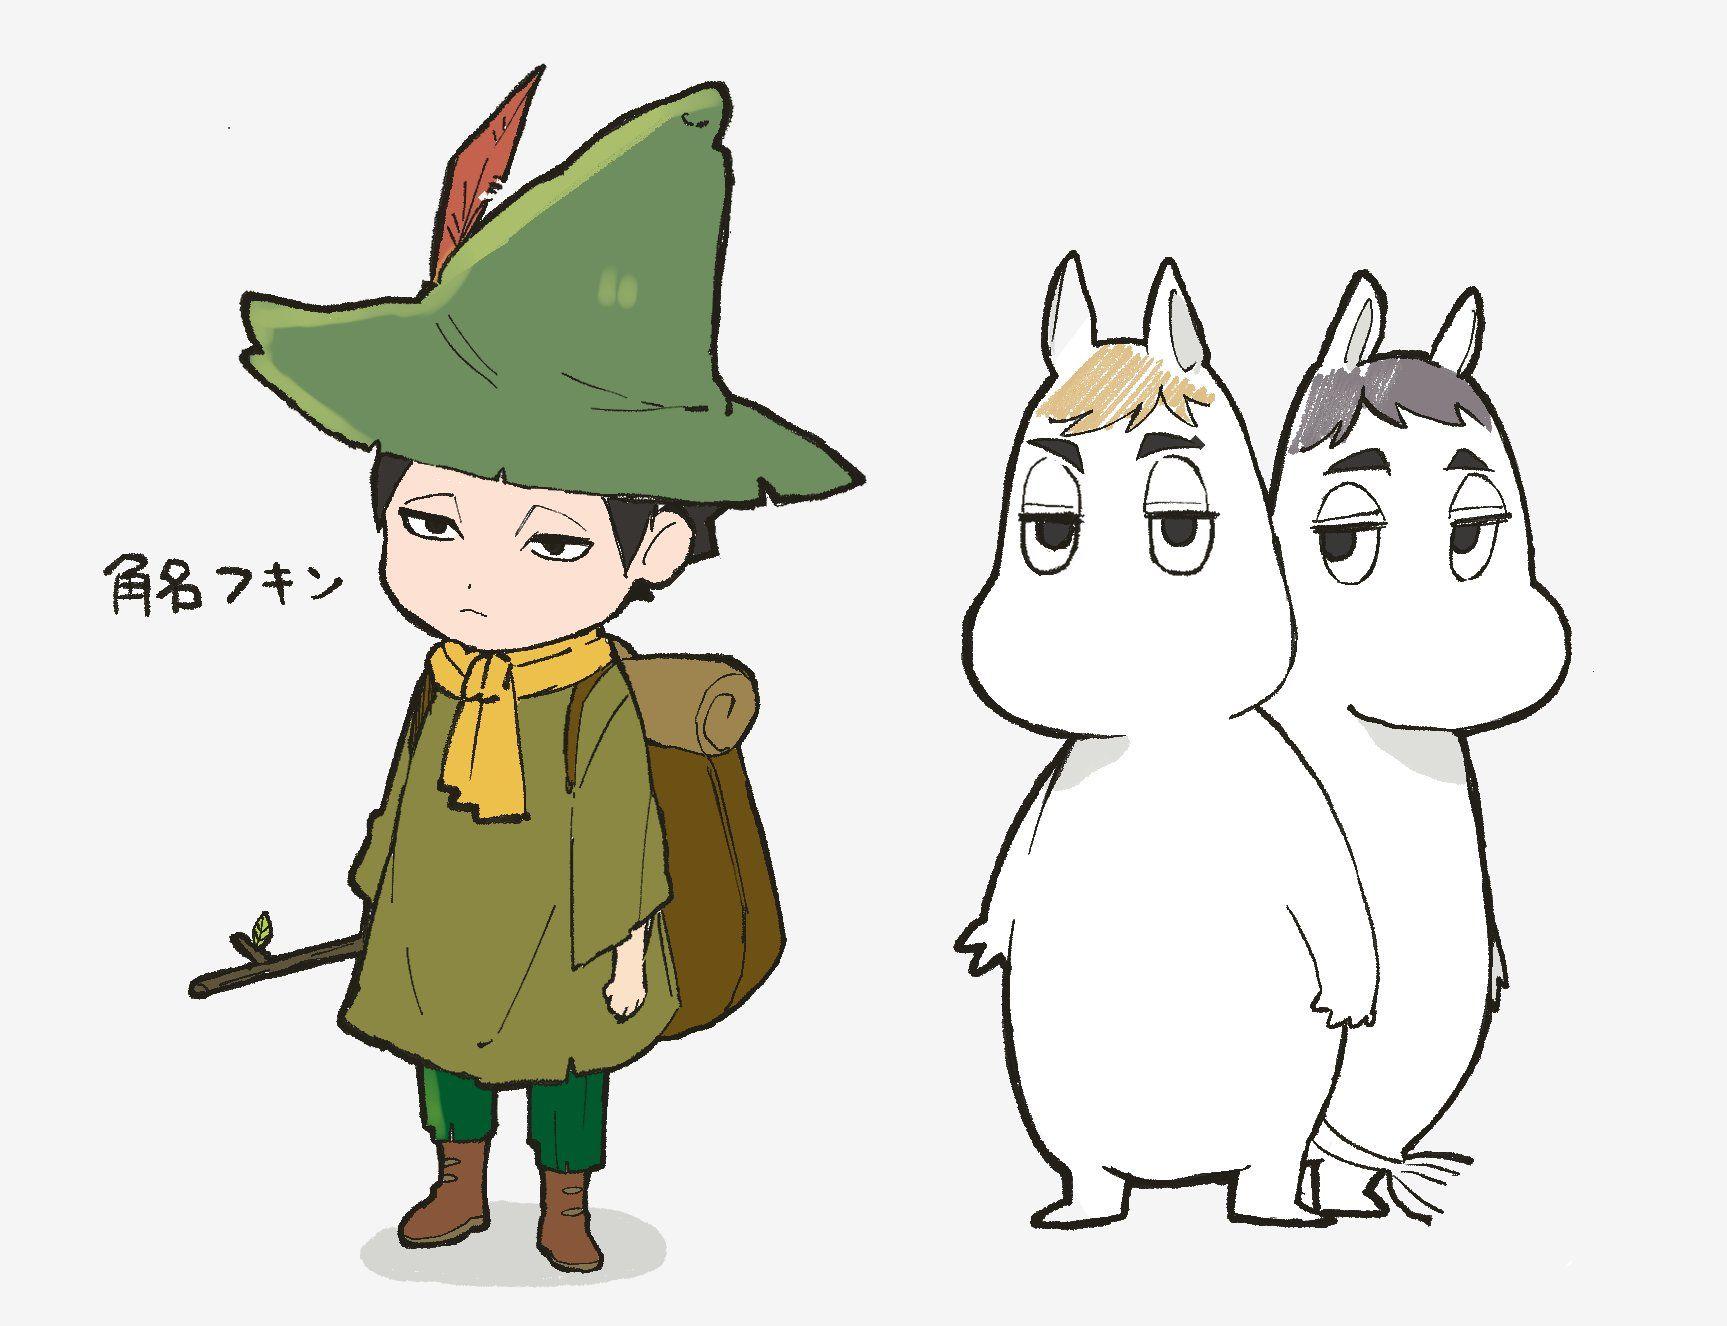 の on Twitter in 2020 Haikyuu anime, Character art, Cute art